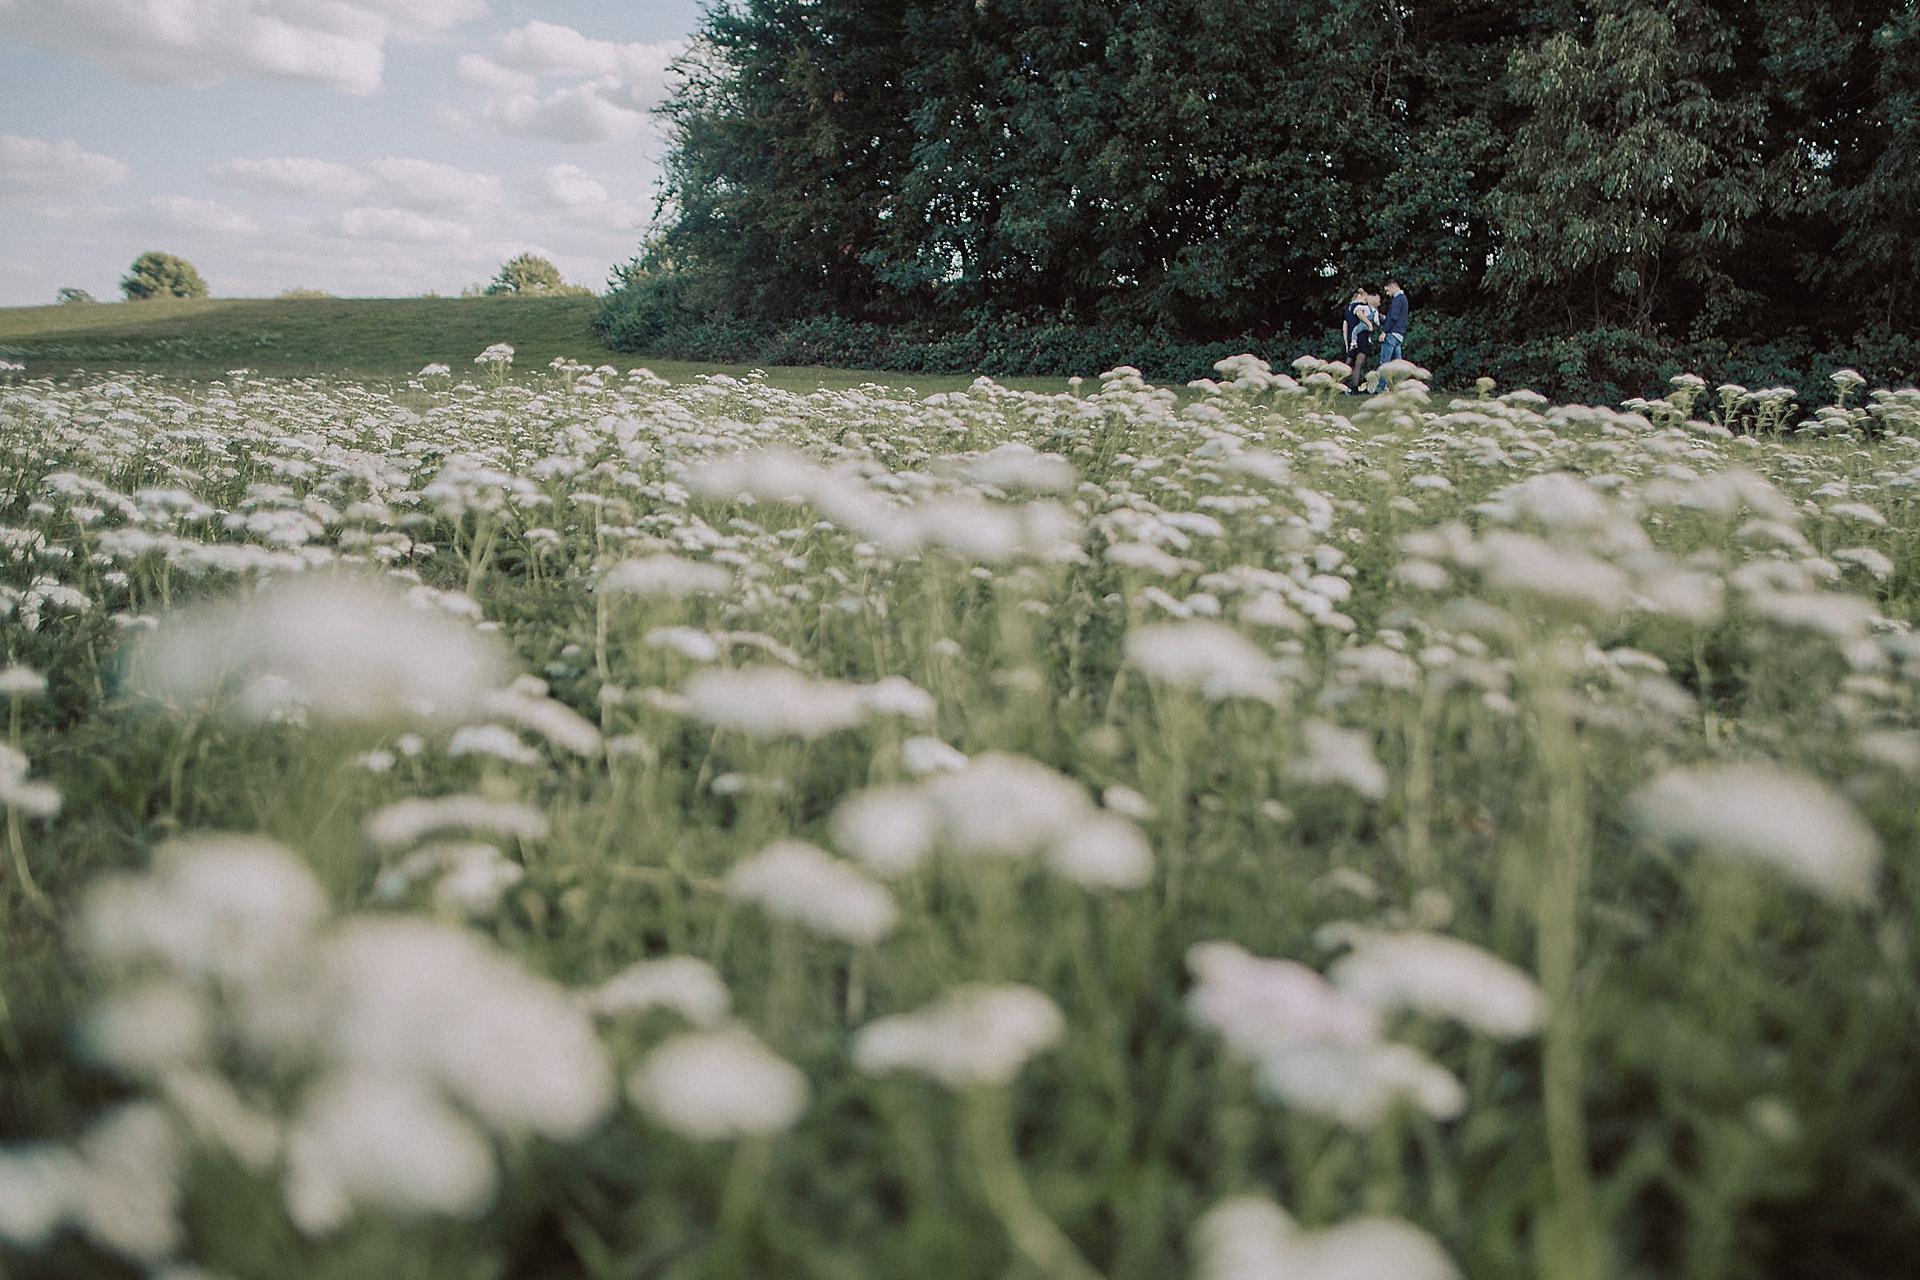 familienfotograf-familien-reportage-bremen-danielzube-familienfotografie_0013.jpg